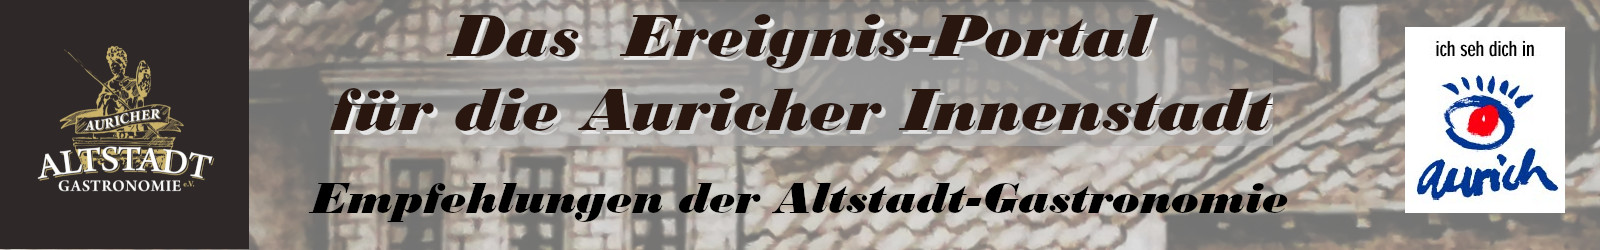 Auricher Altstadt-Gastronomie